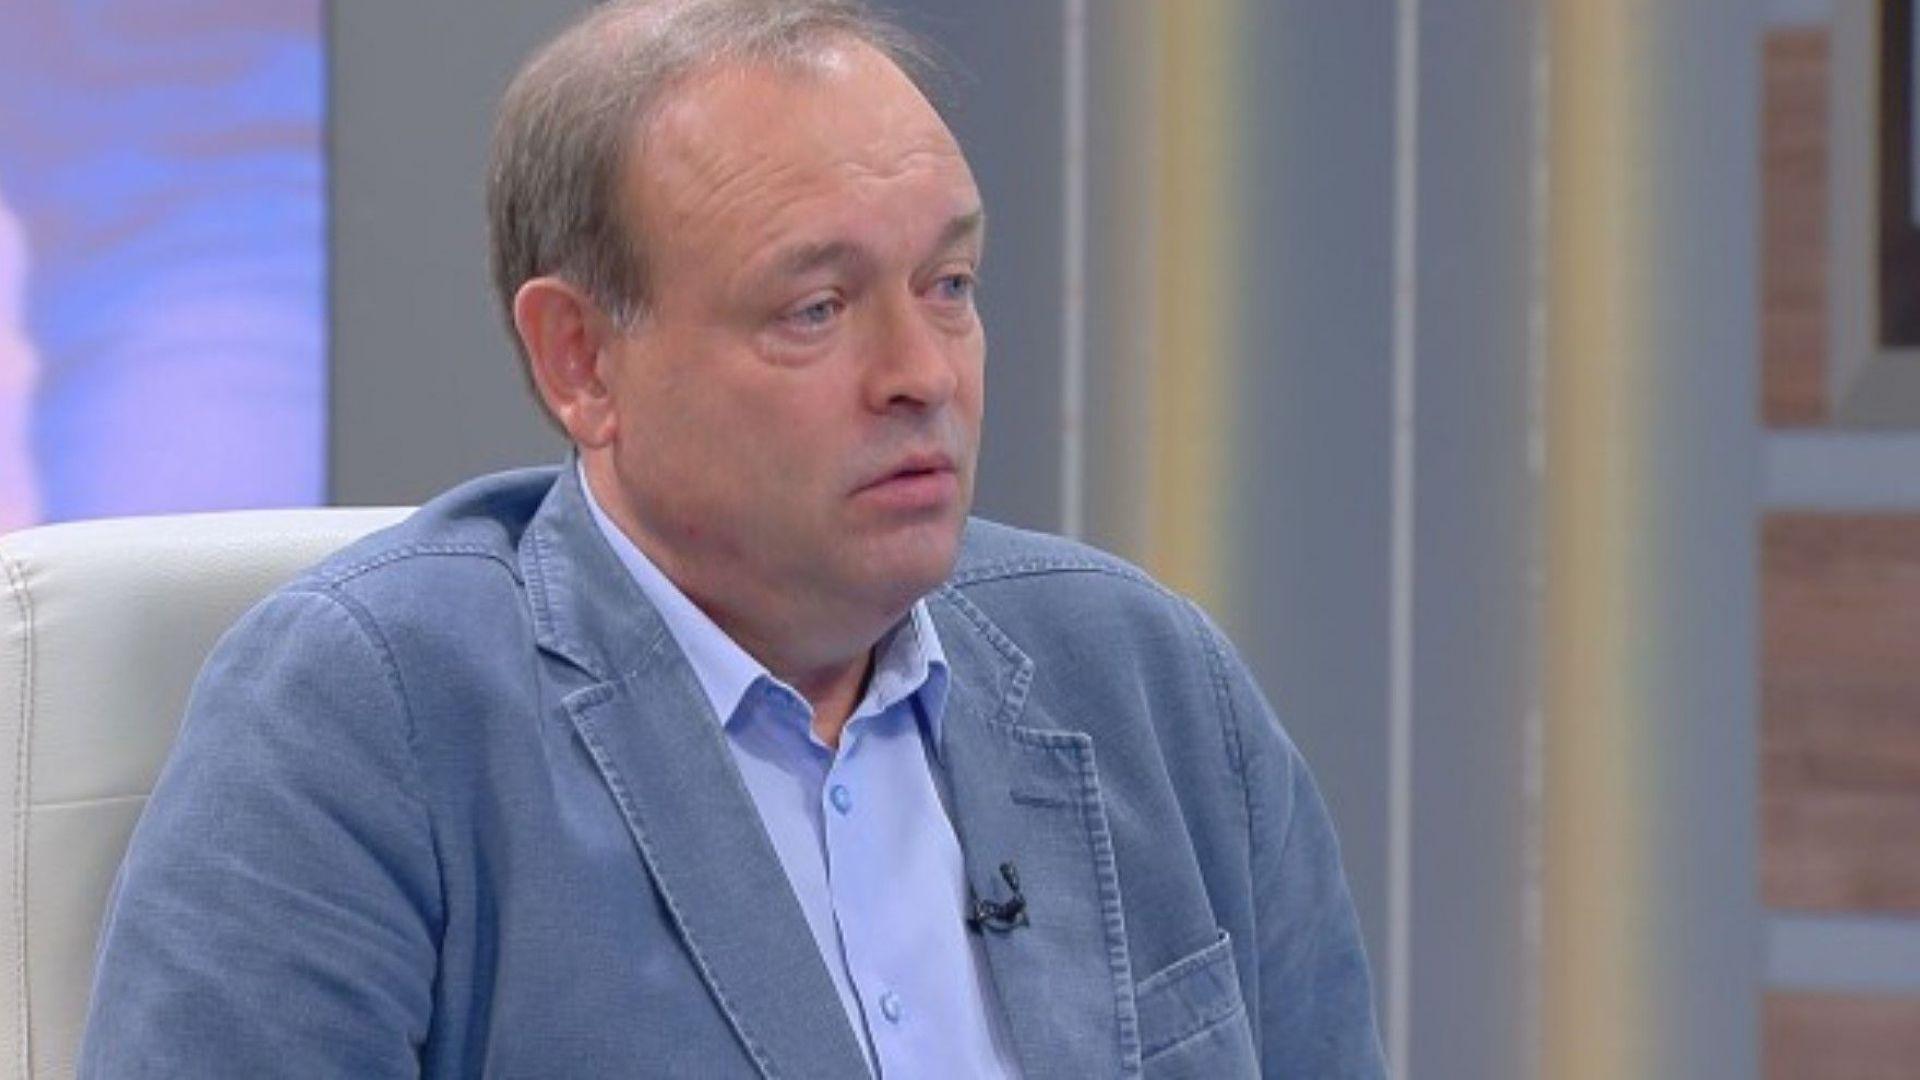 Христо Монов: Черна котка мина път на Полфрийман, съдебното решение е незаконно